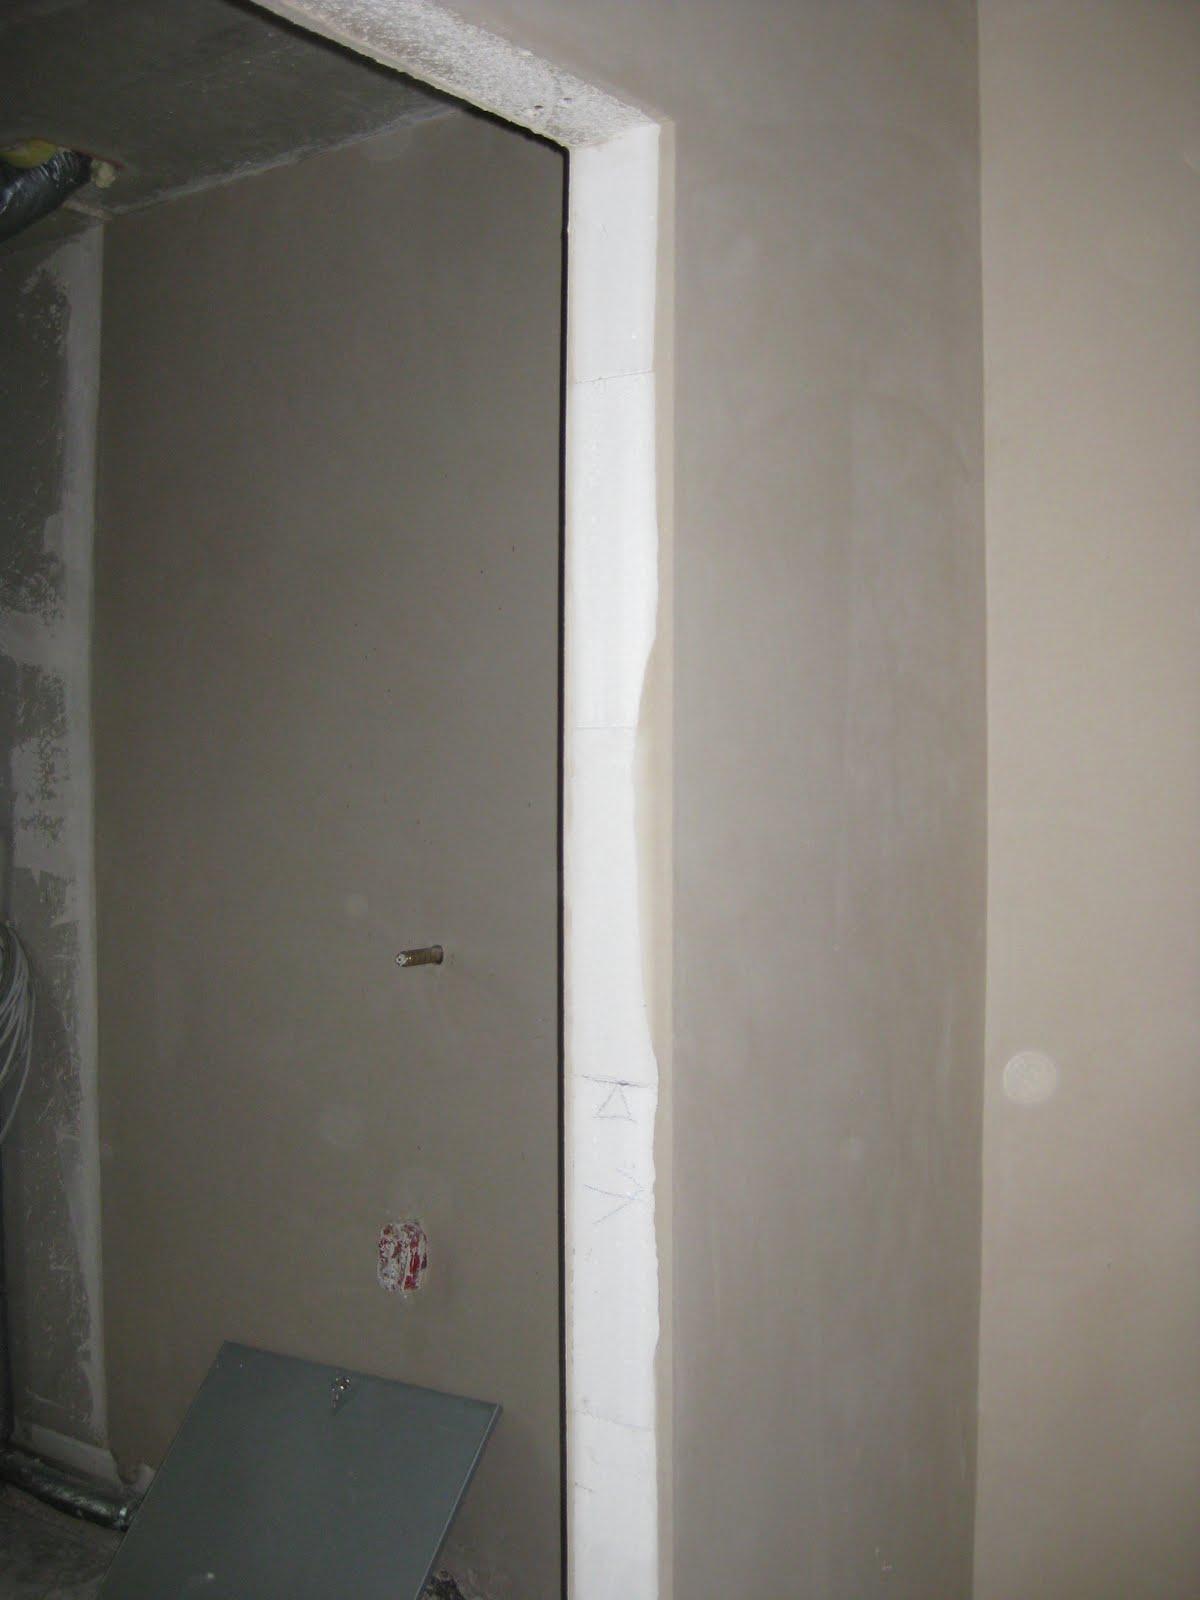 startschuss in steinhagen einstiegshilfe erforderlich. Black Bedroom Furniture Sets. Home Design Ideas